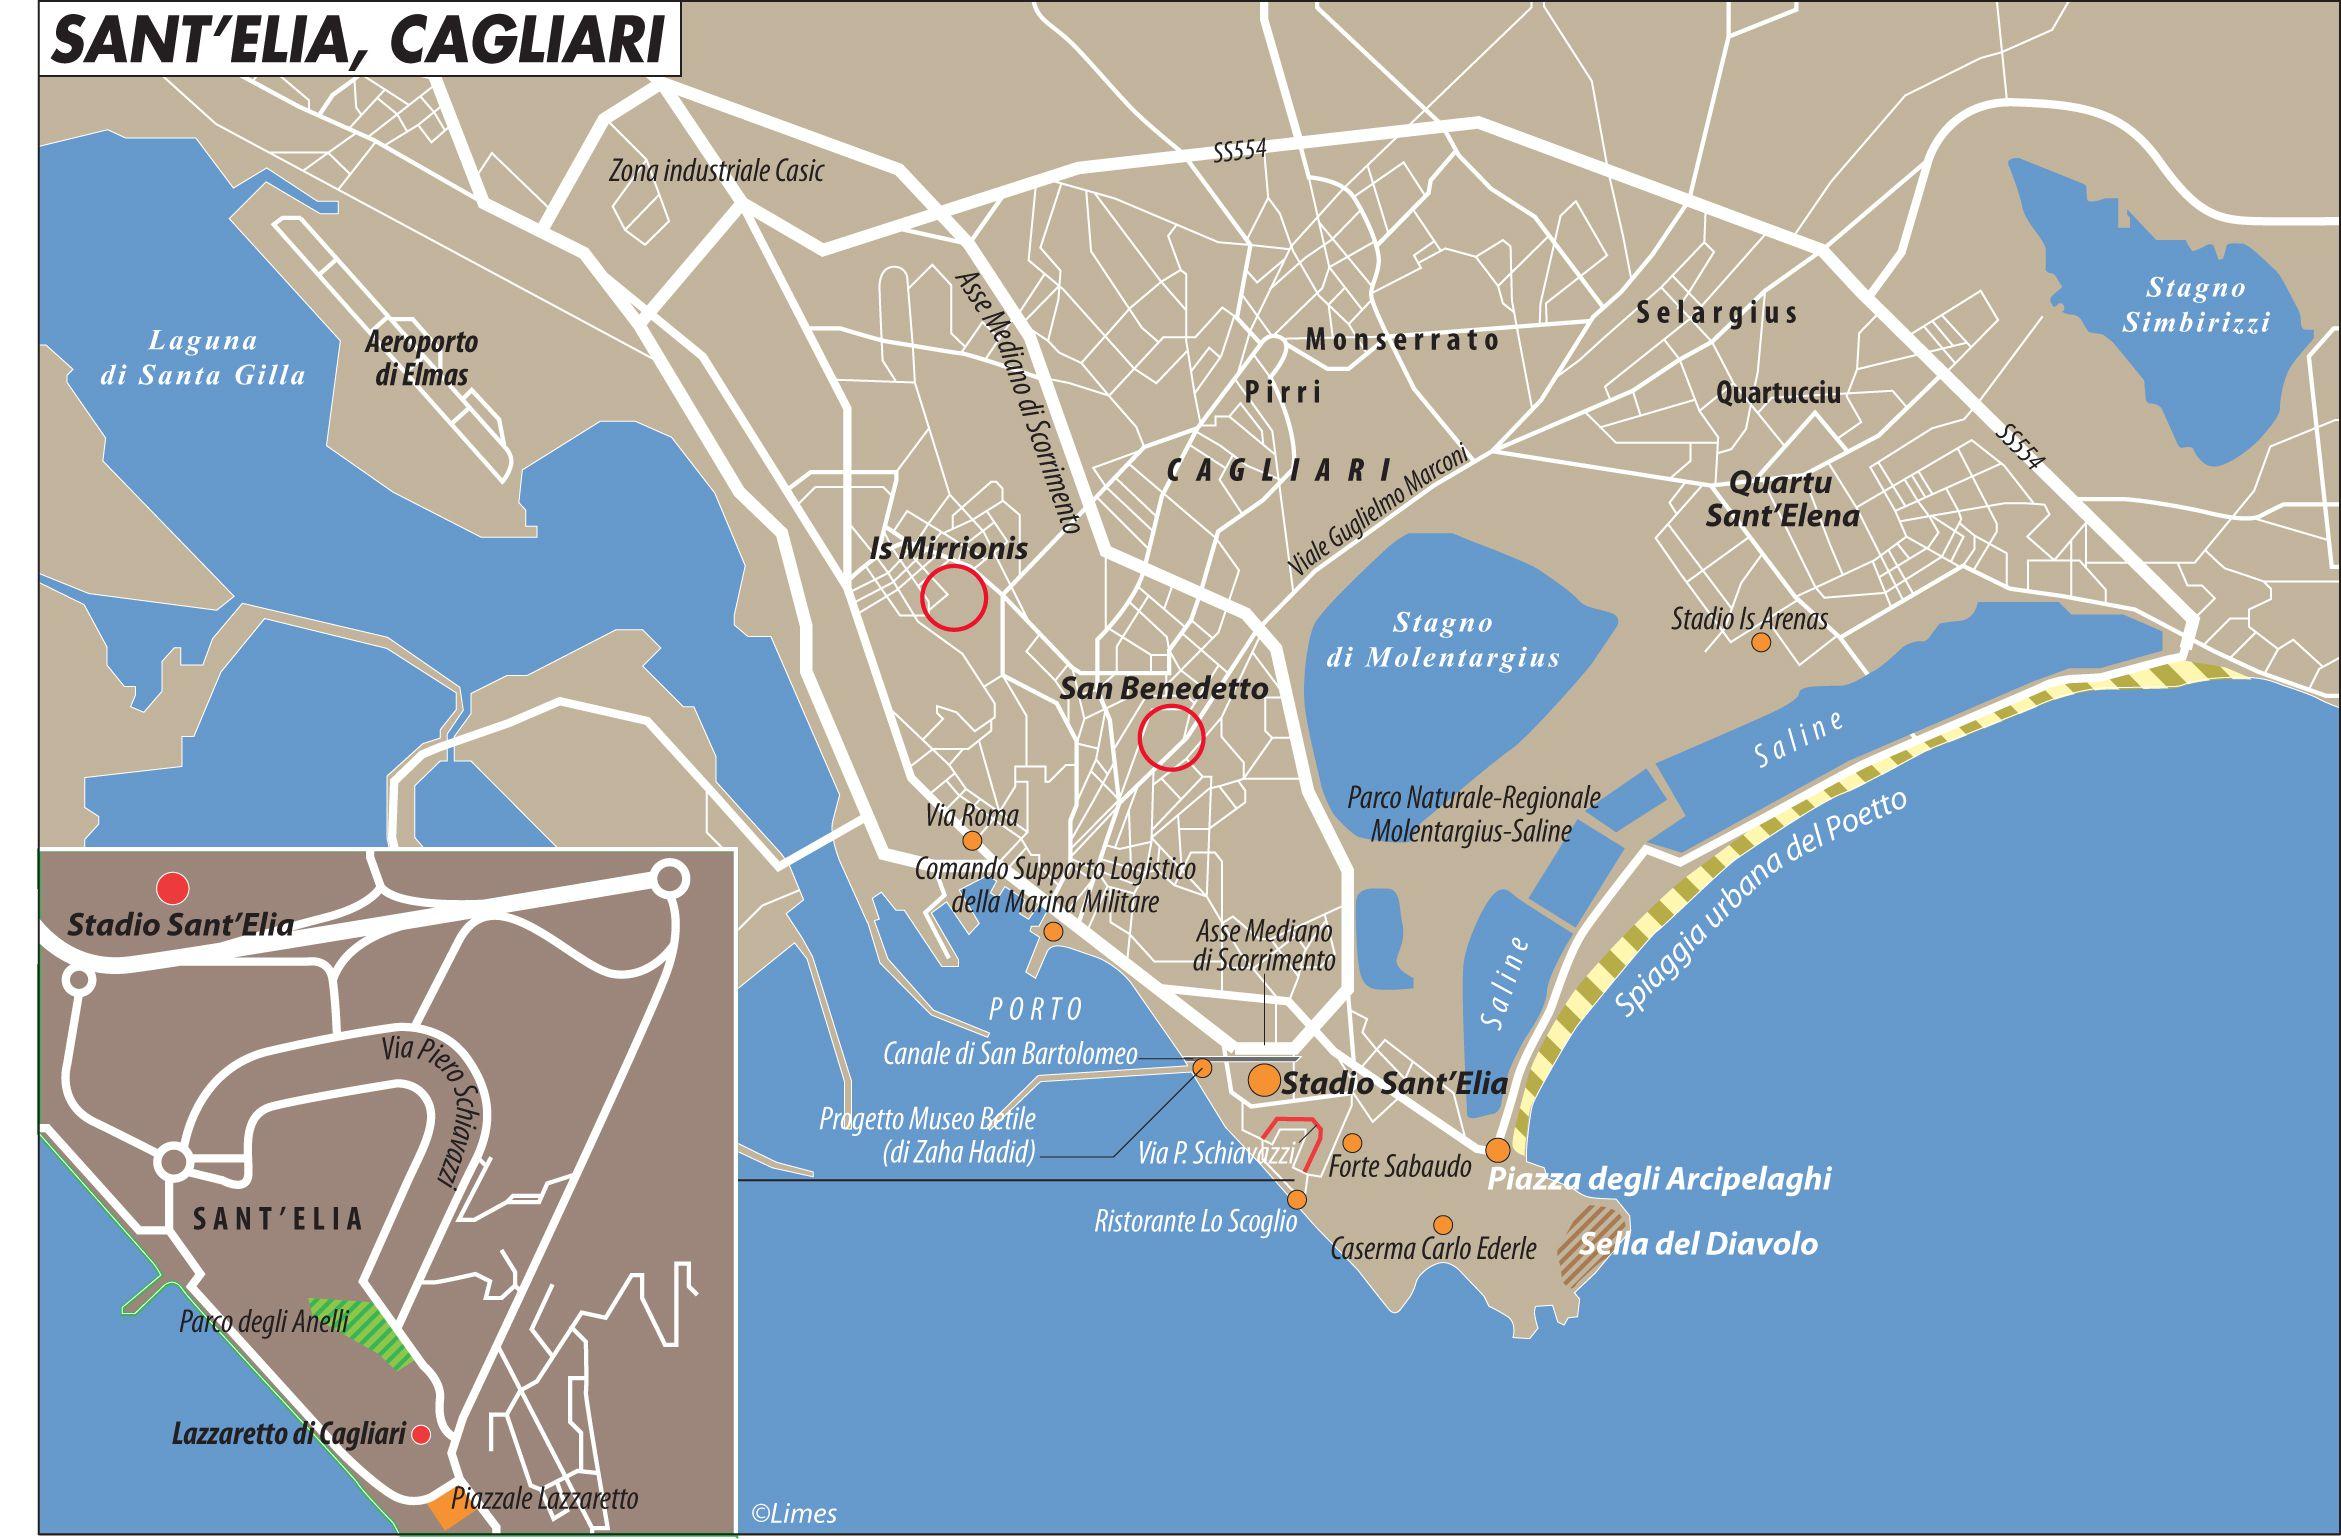 Cagliari-Sant'Elia